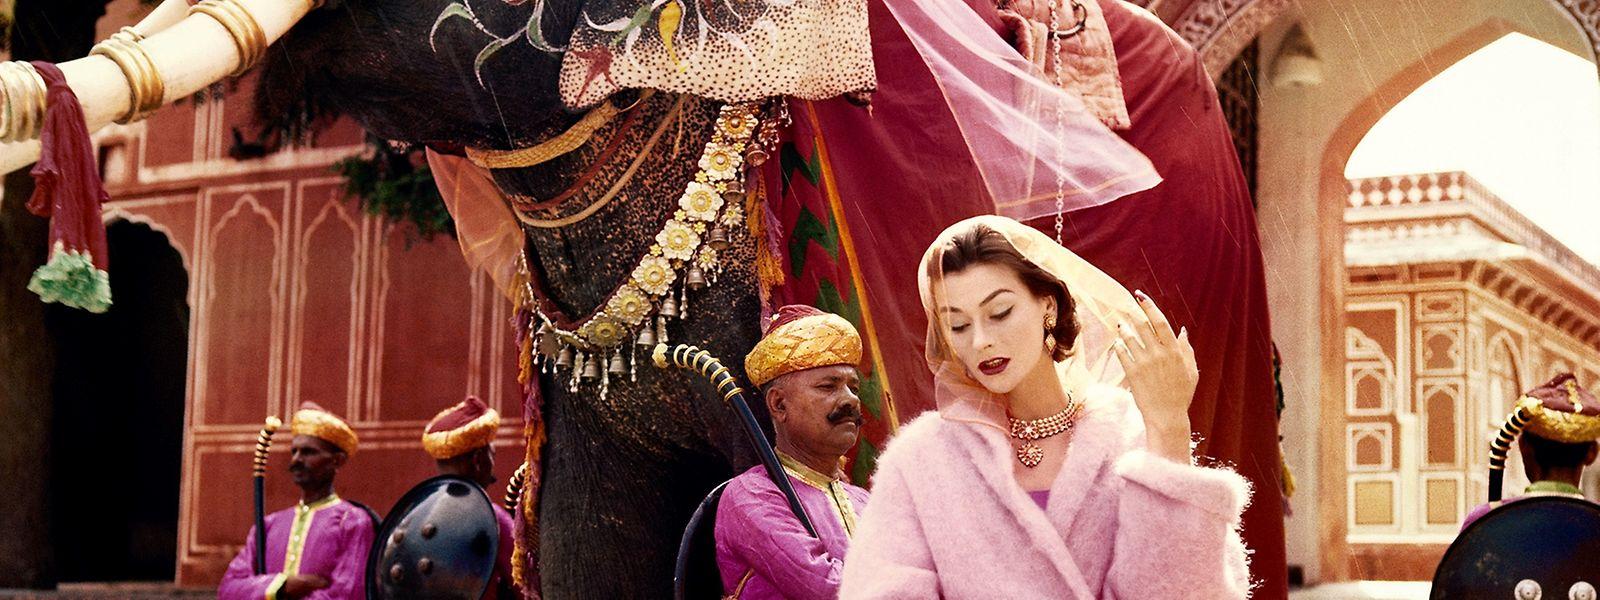 """Seit 100 Jahren bietet die britische """"Vogue"""" der Modefotografie einen Platz. Hier zu sehen: das Model Anne Gunning vor dem Stadtpalast von Jaipur, Aufnahme aus dem Jahr 1956."""